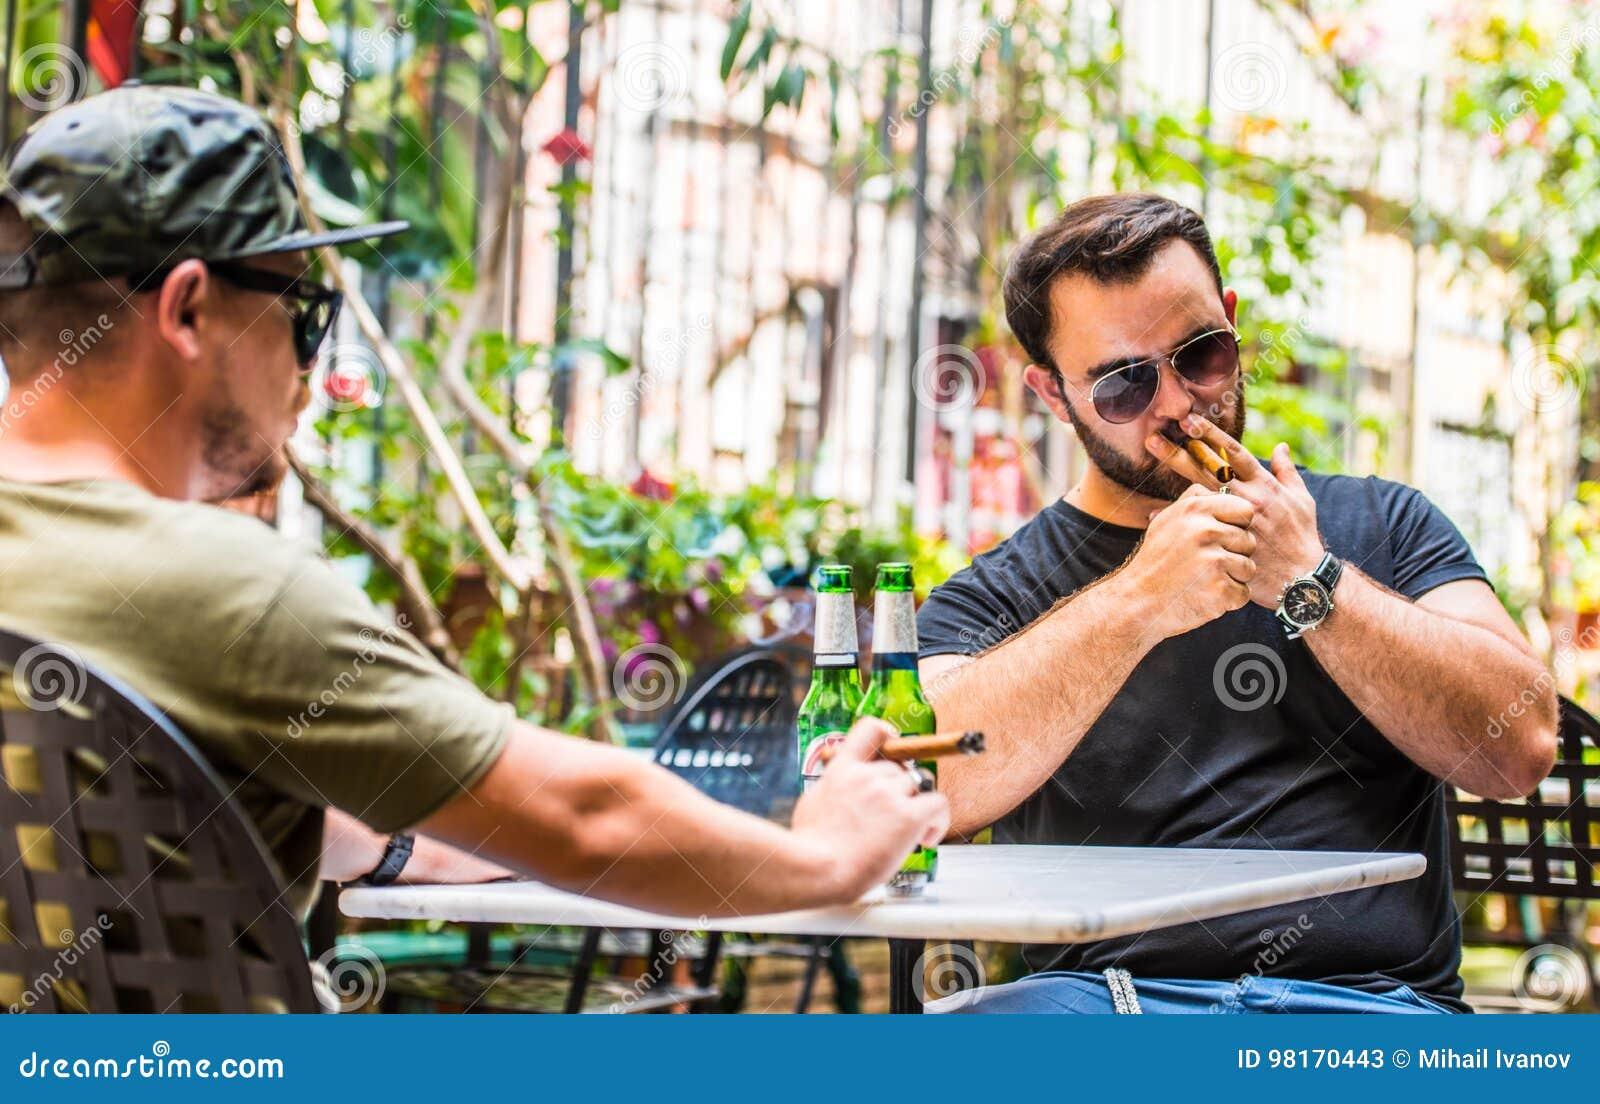 Pijący piwa i dymić cygaro